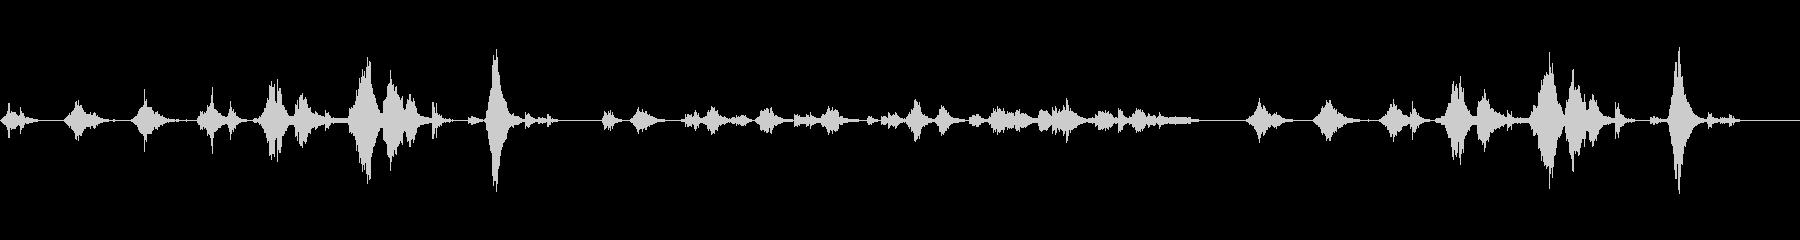 幻想的な空間で流れるイメージの楽曲ですの未再生の波形